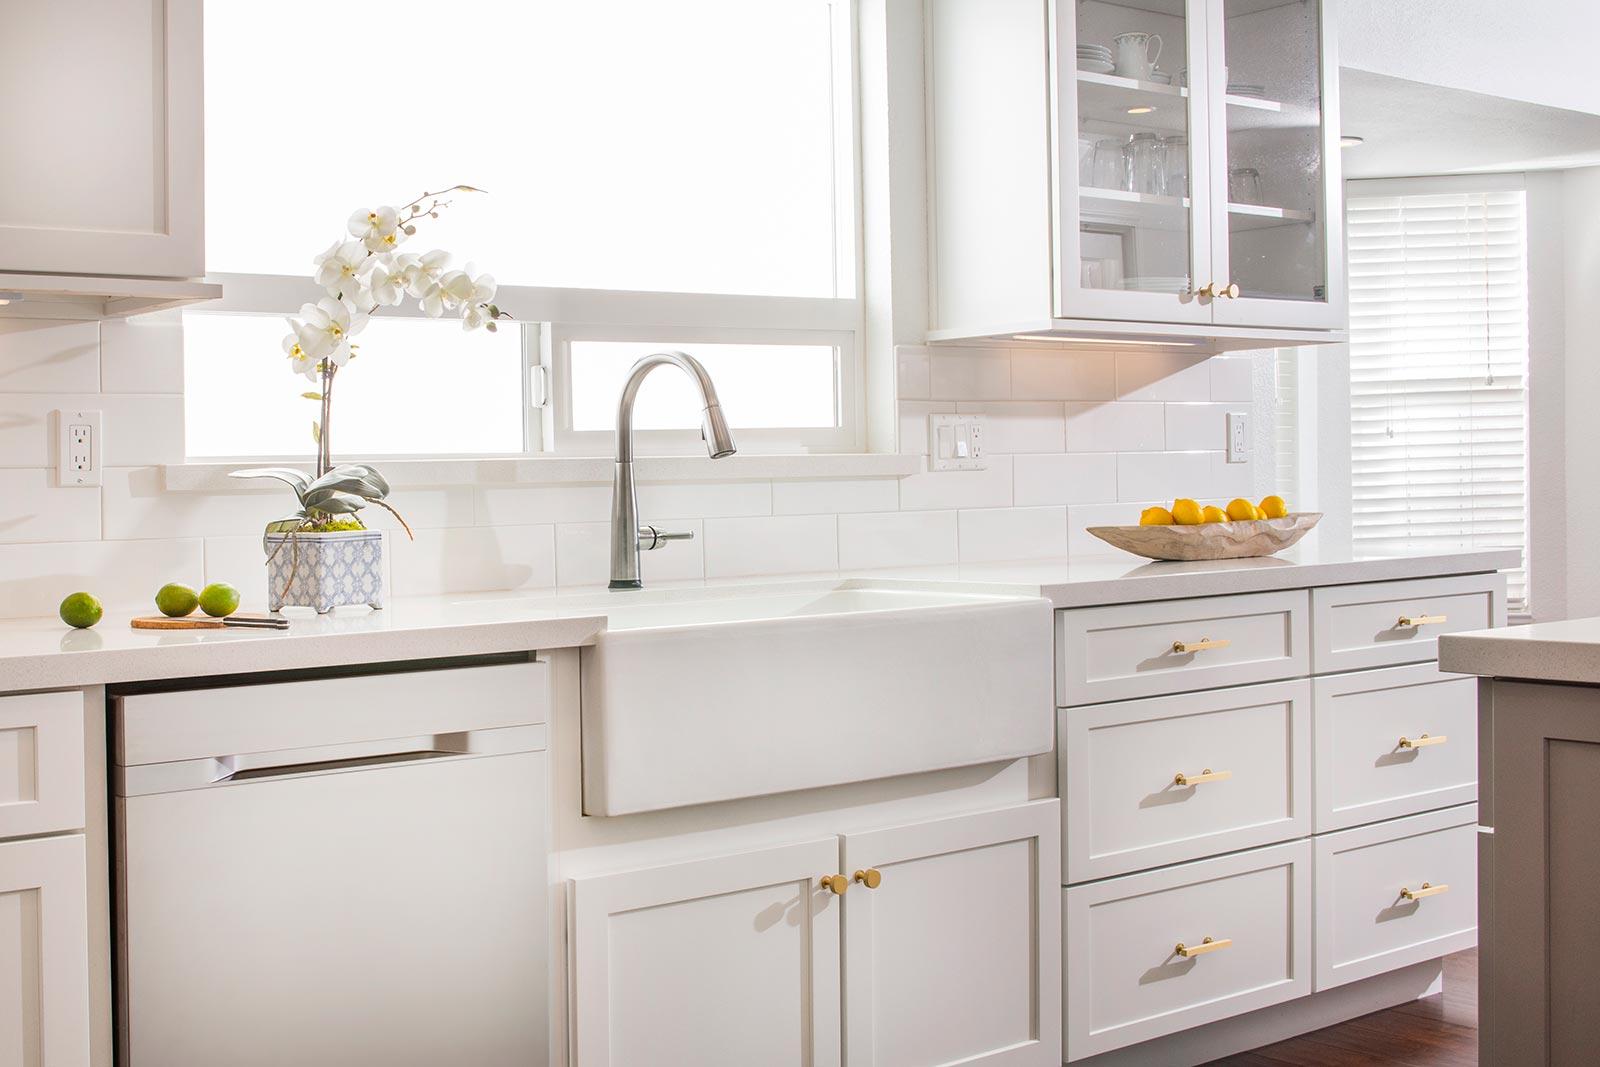 Dream Kitchen by Talie Jane Interiors